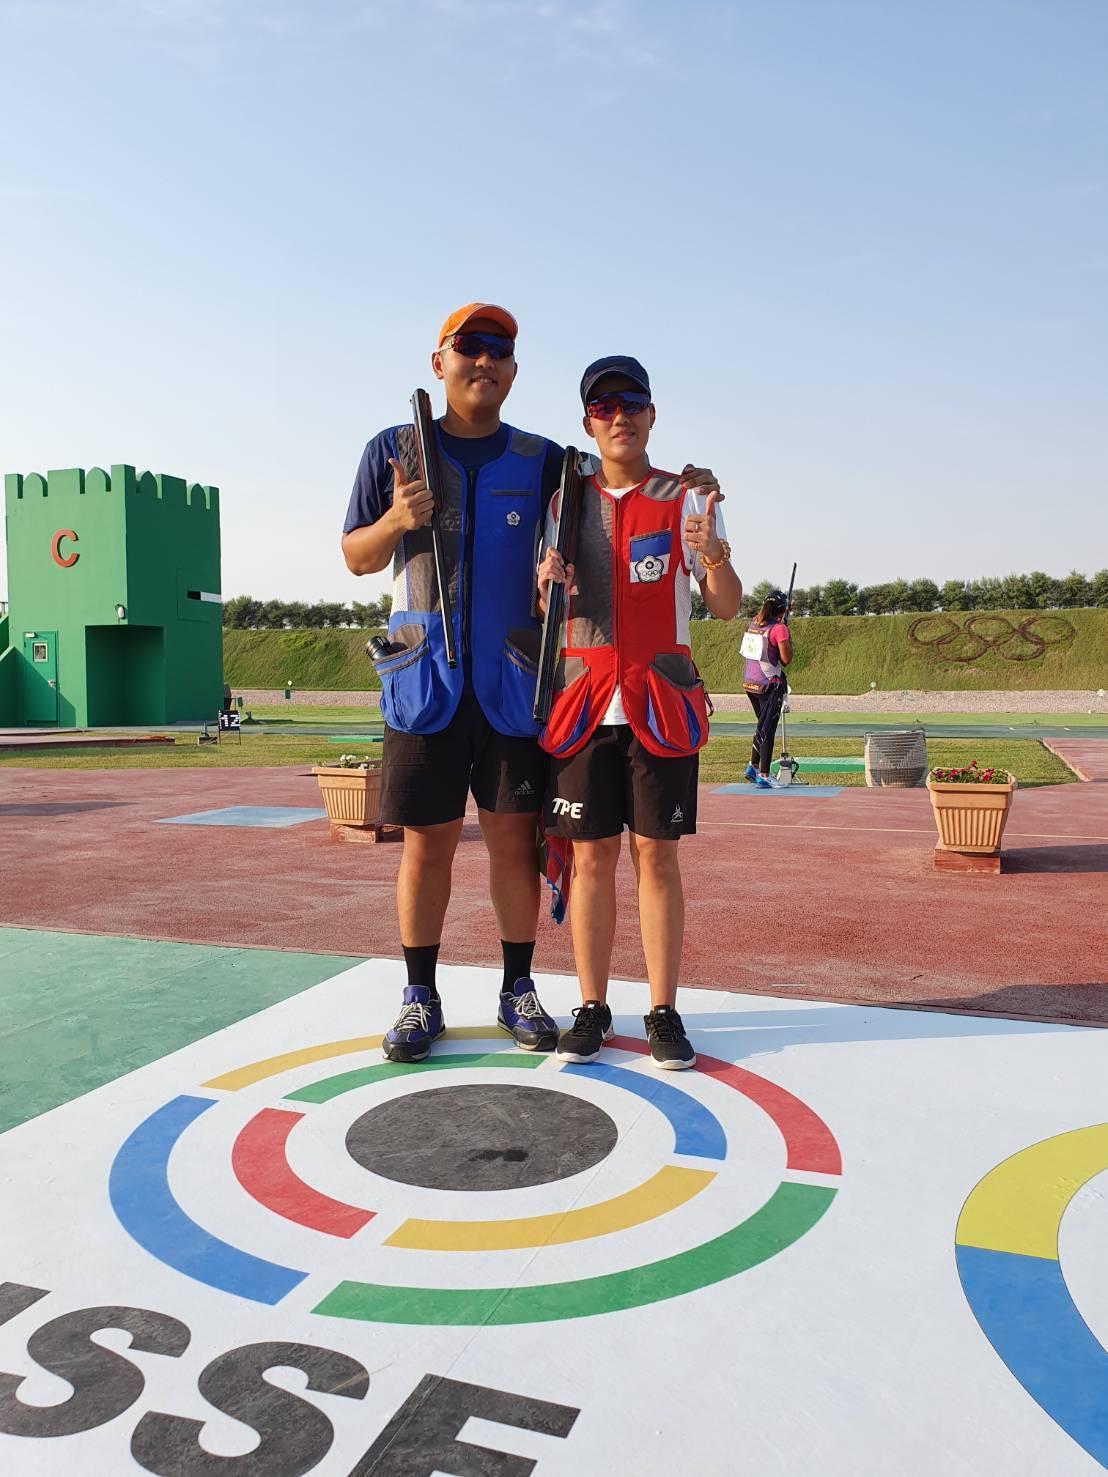 台灣射擊好手楊昆弼(左)與劉宛渝。圖/中華射擊協會提供